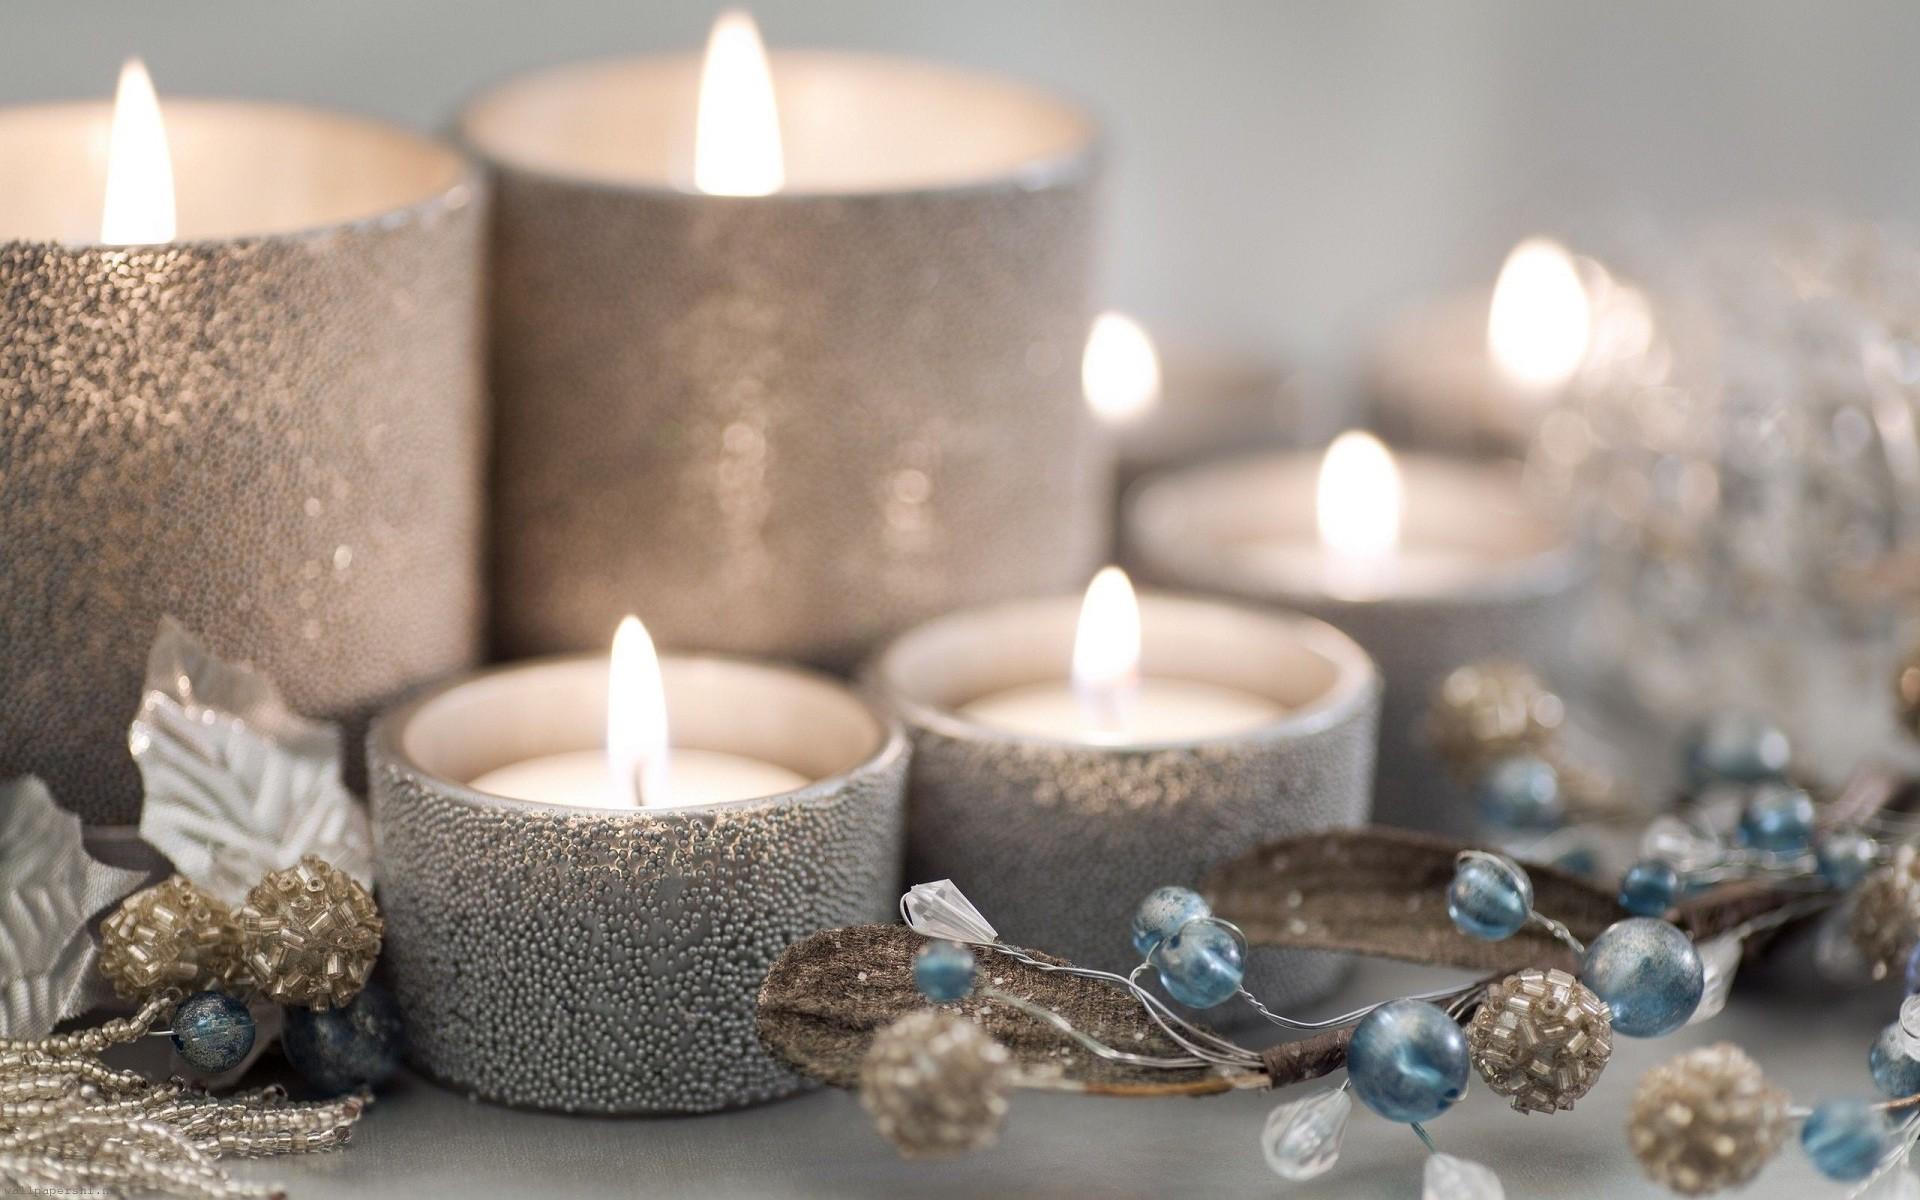 Candle light desktop HD wallpaper